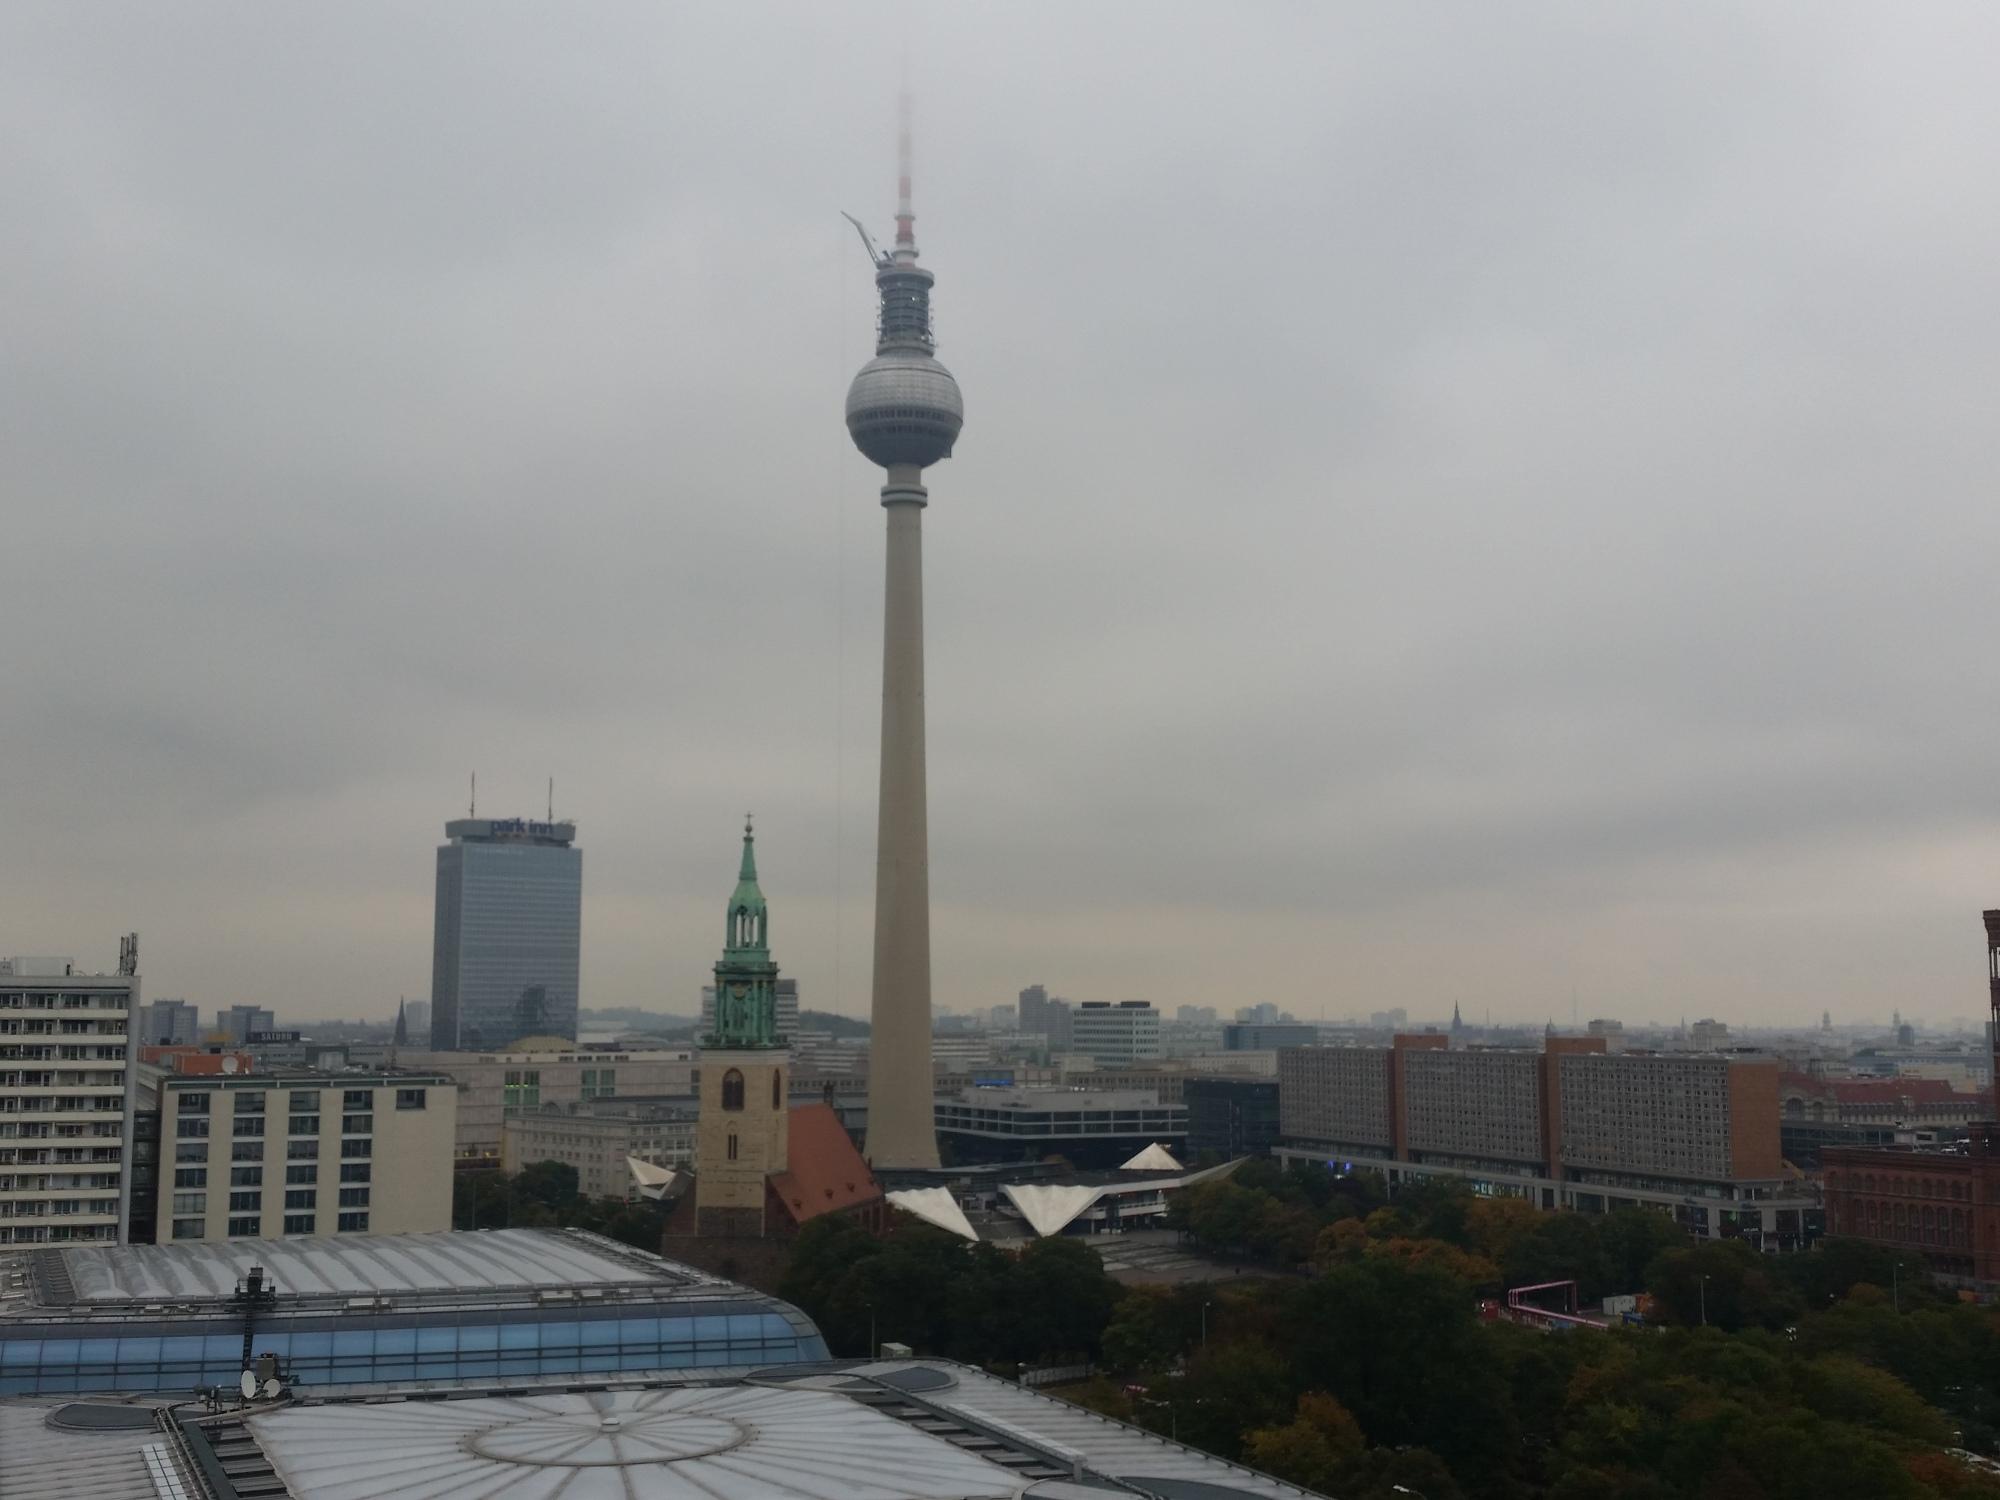 Berlin, TV Tower, Fernsehturm